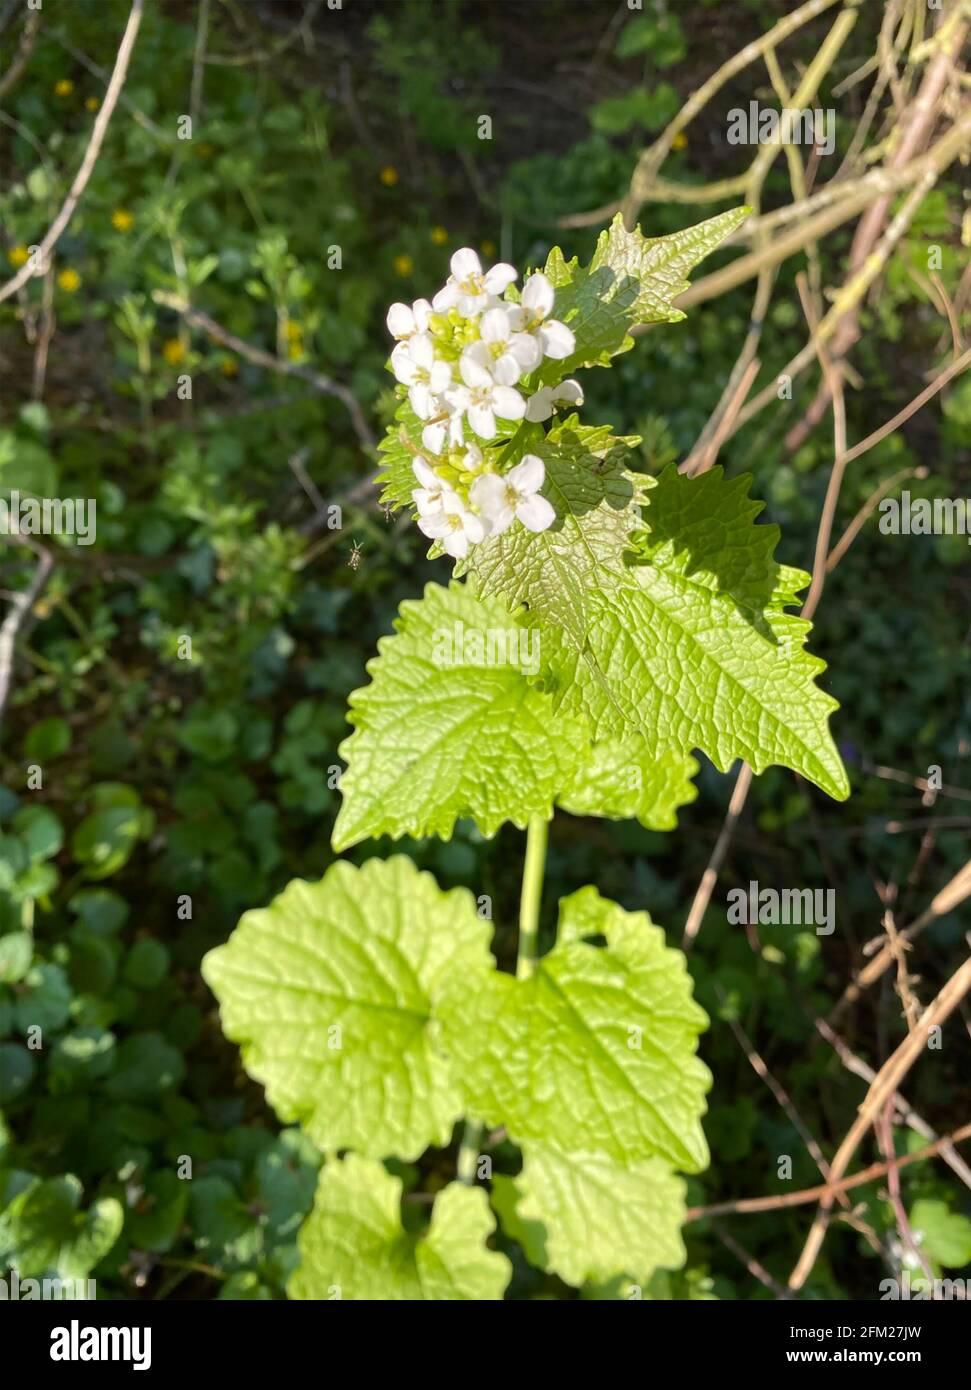 HECKE KNOBLAUCH Alliaria petiolata zweijährige Pflanze in der Familie der Senf. Foto: Tony Gale Stockfoto